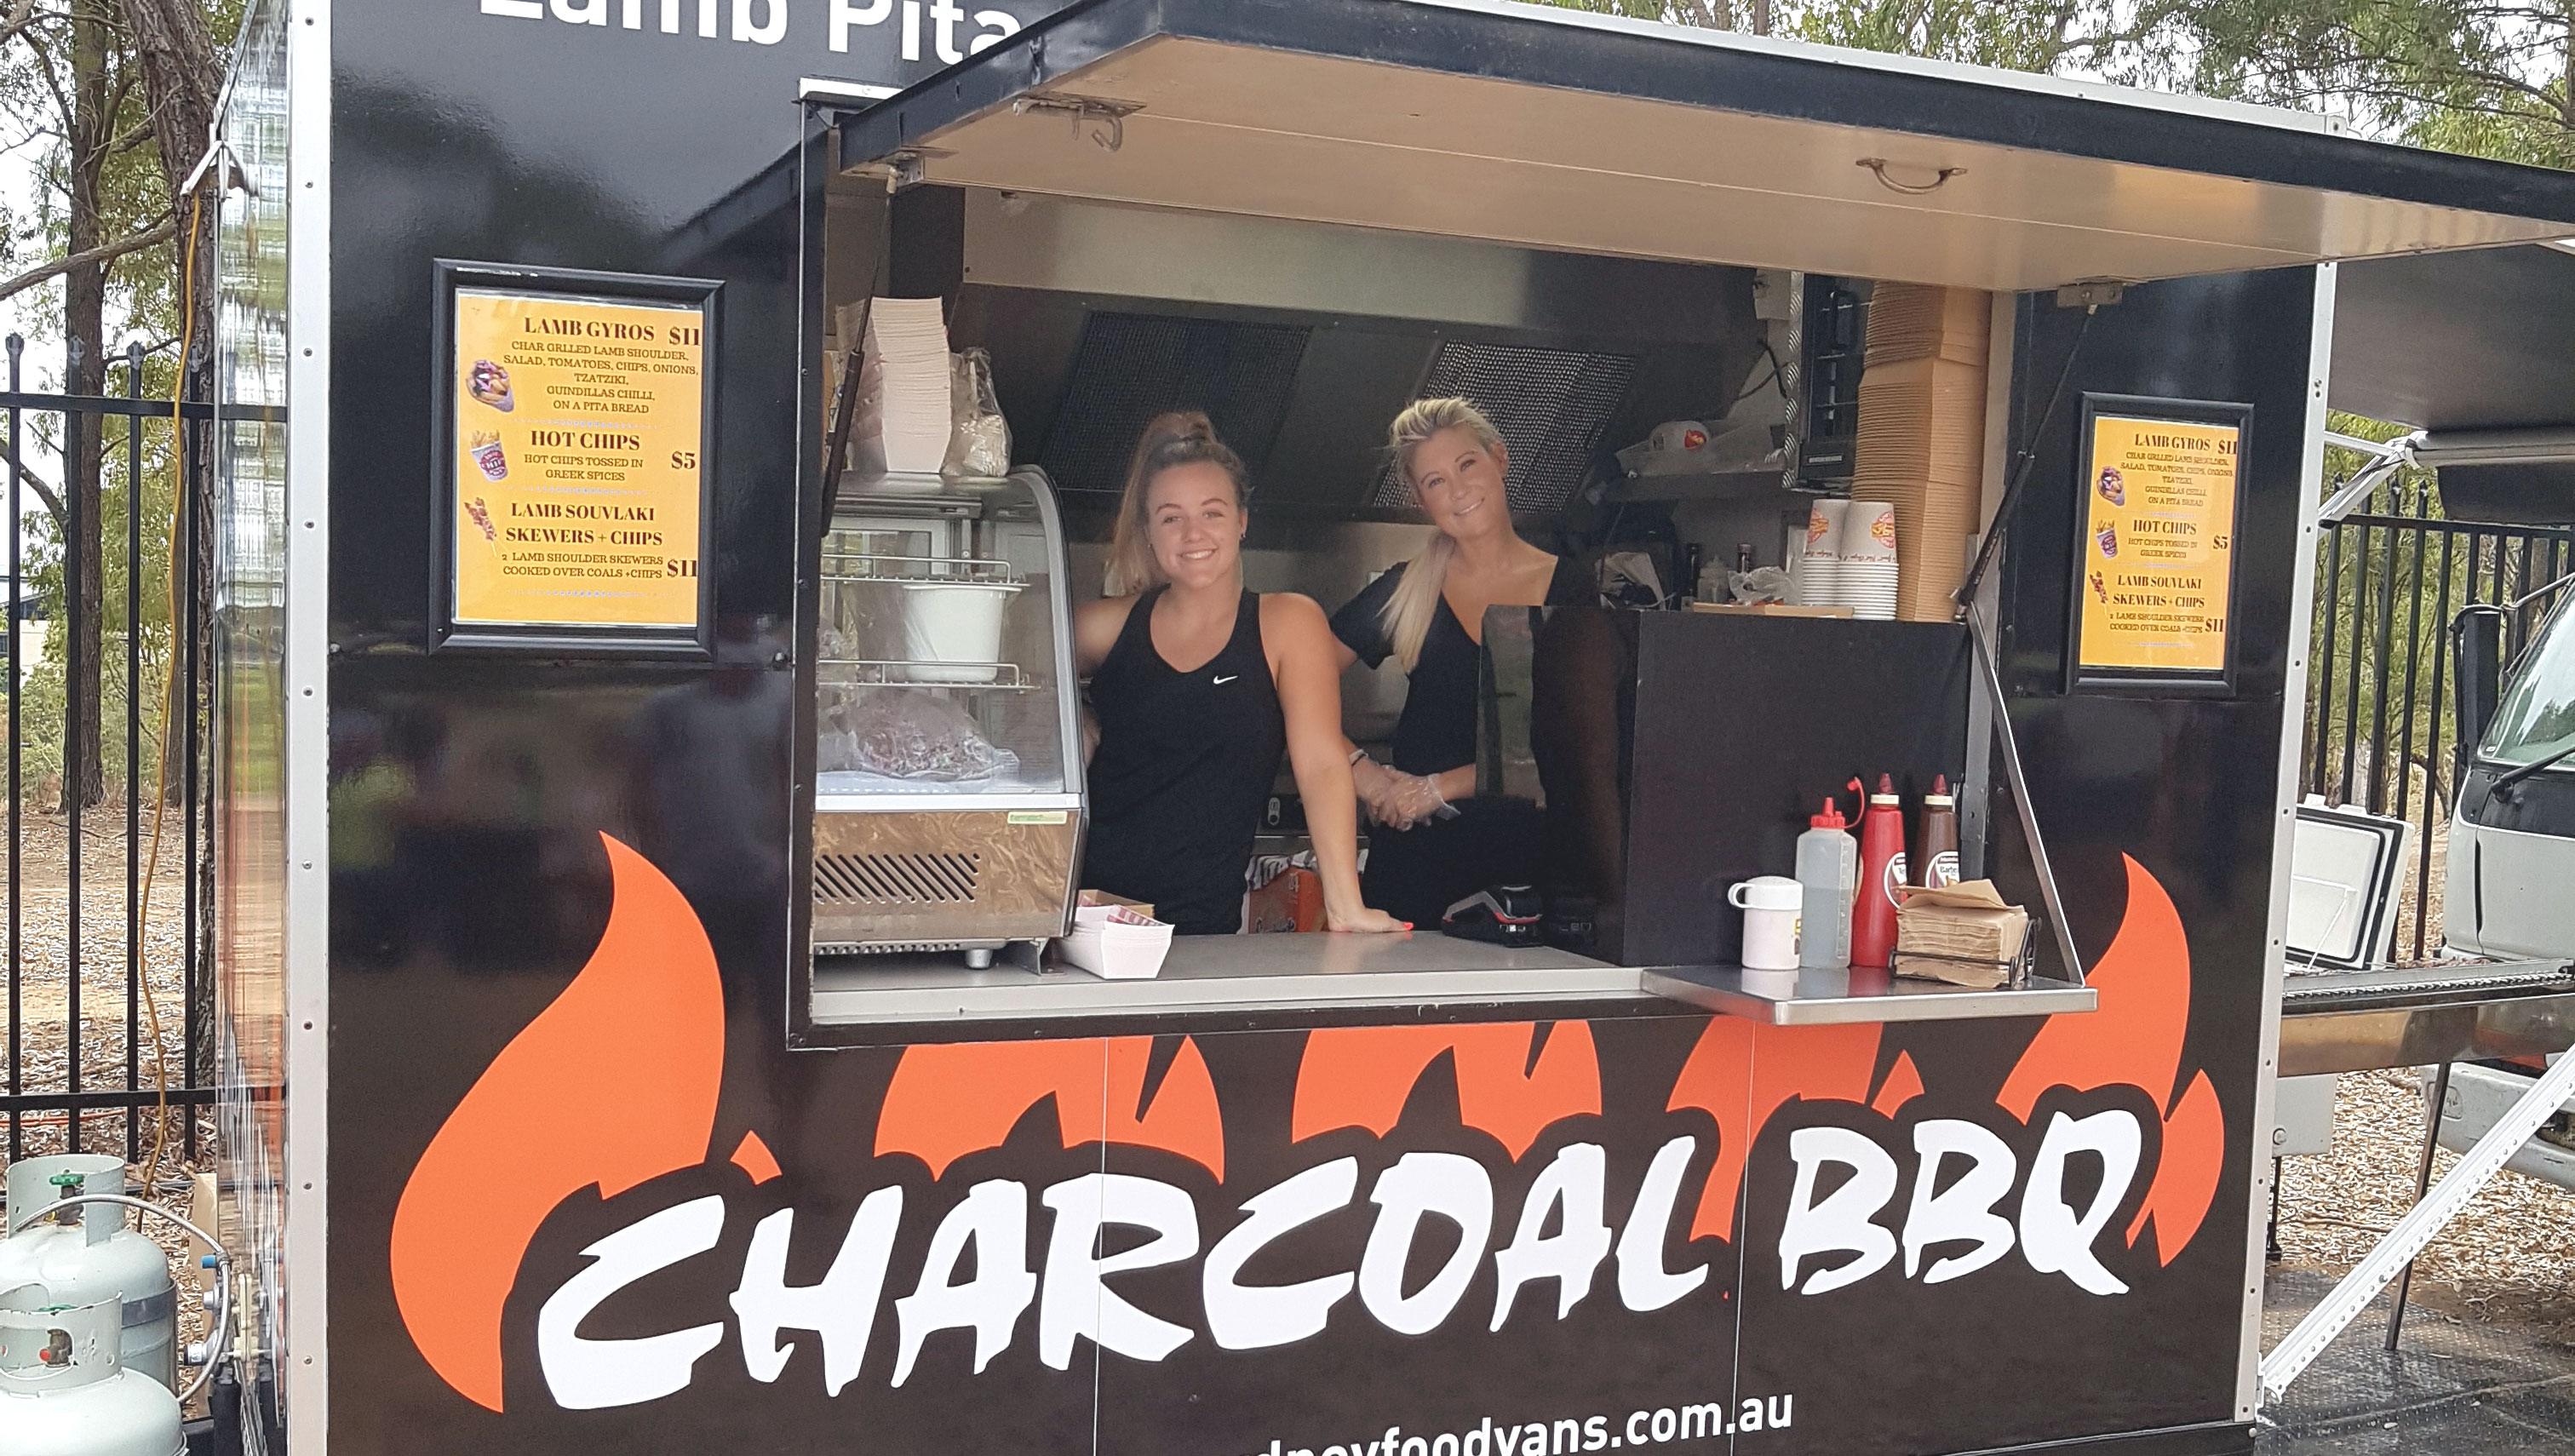 Charcoal BBQ Van